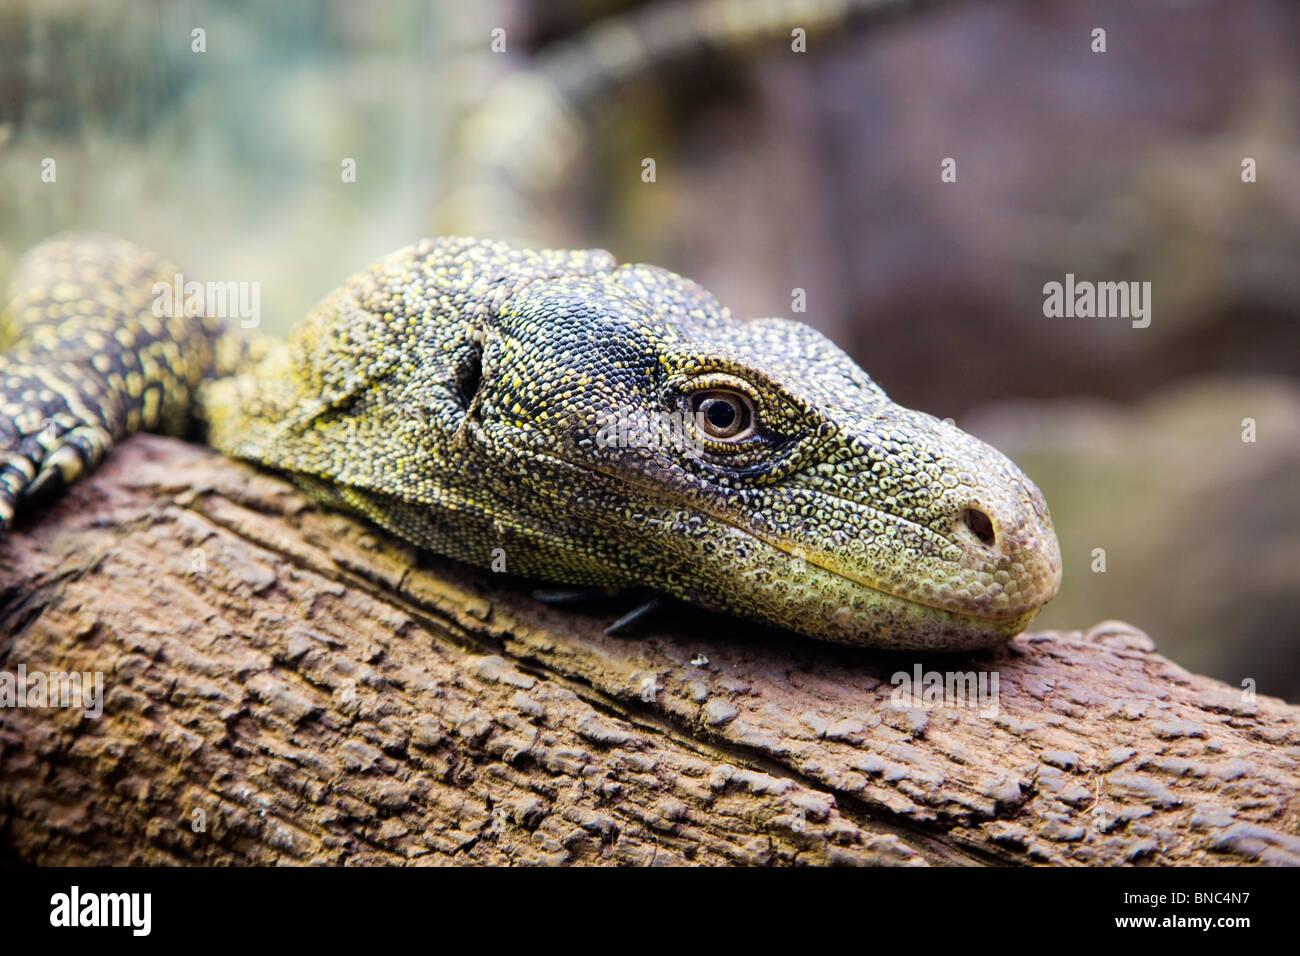 Smaragdeidechse ruht auf einem Baumstamm, genau beobachten Sie Stockbild